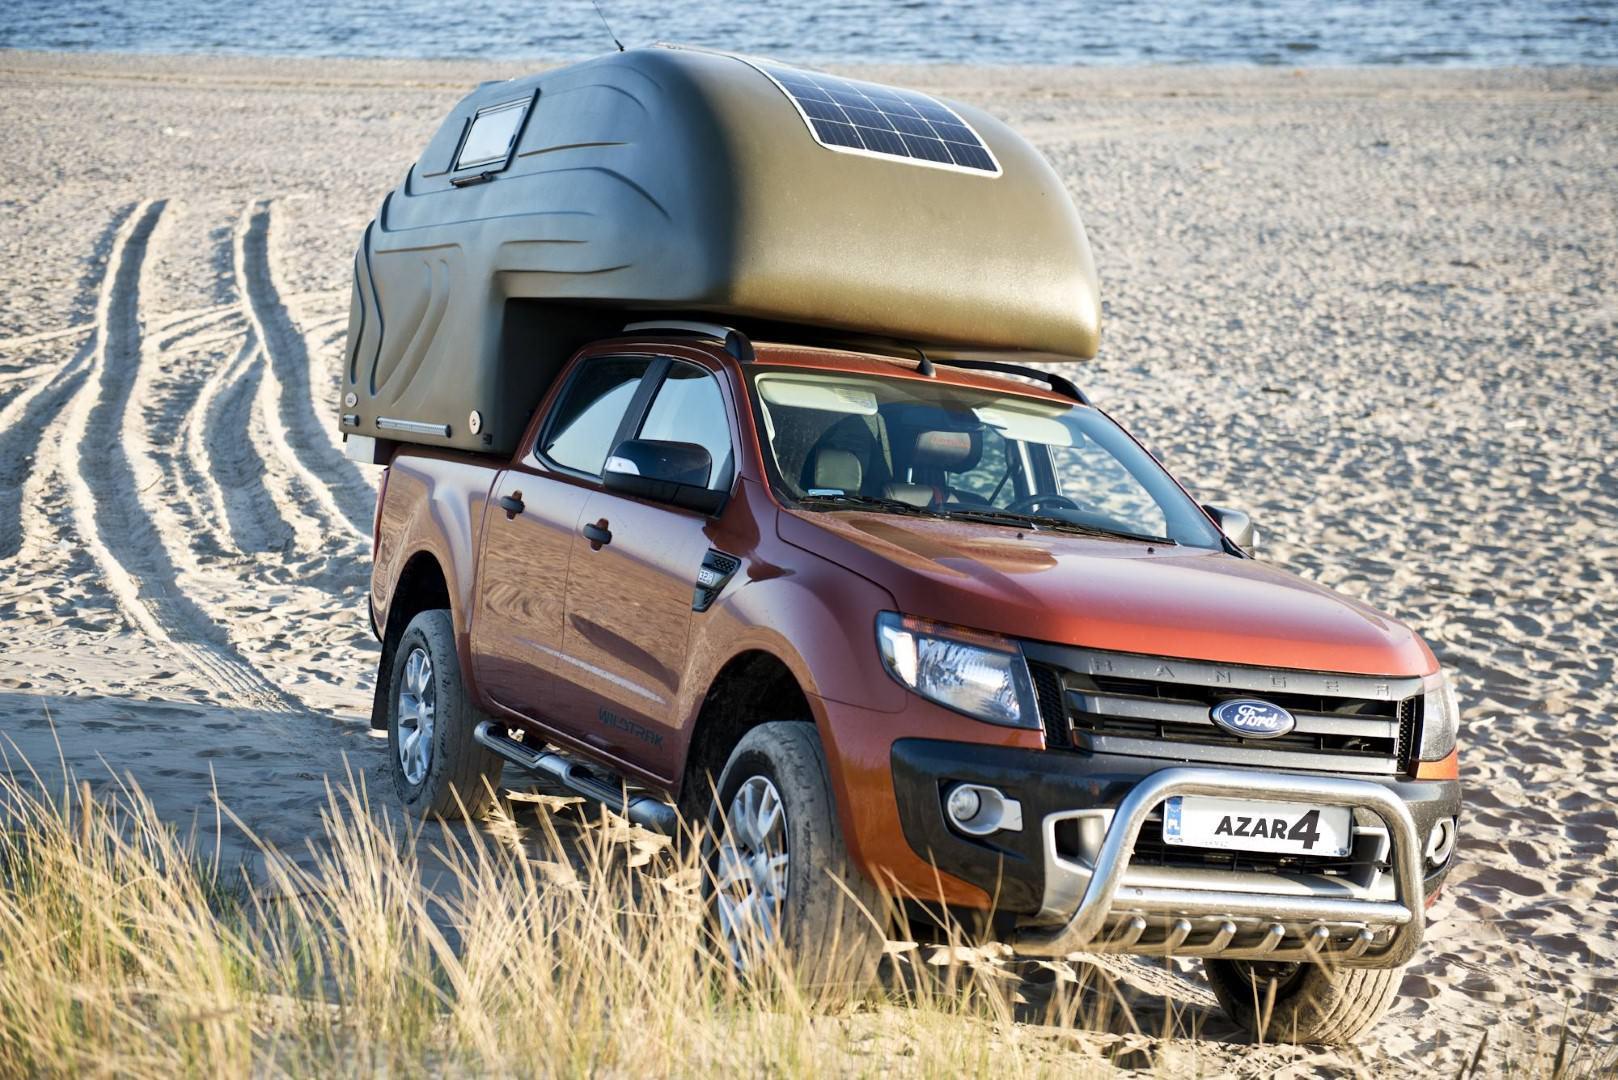 AZAR4 - Entwicklung eines Camper für 4x4 Pickup - kapsula na plazy - Was beinhaltet die die Pickup Camper Ausrüstung?